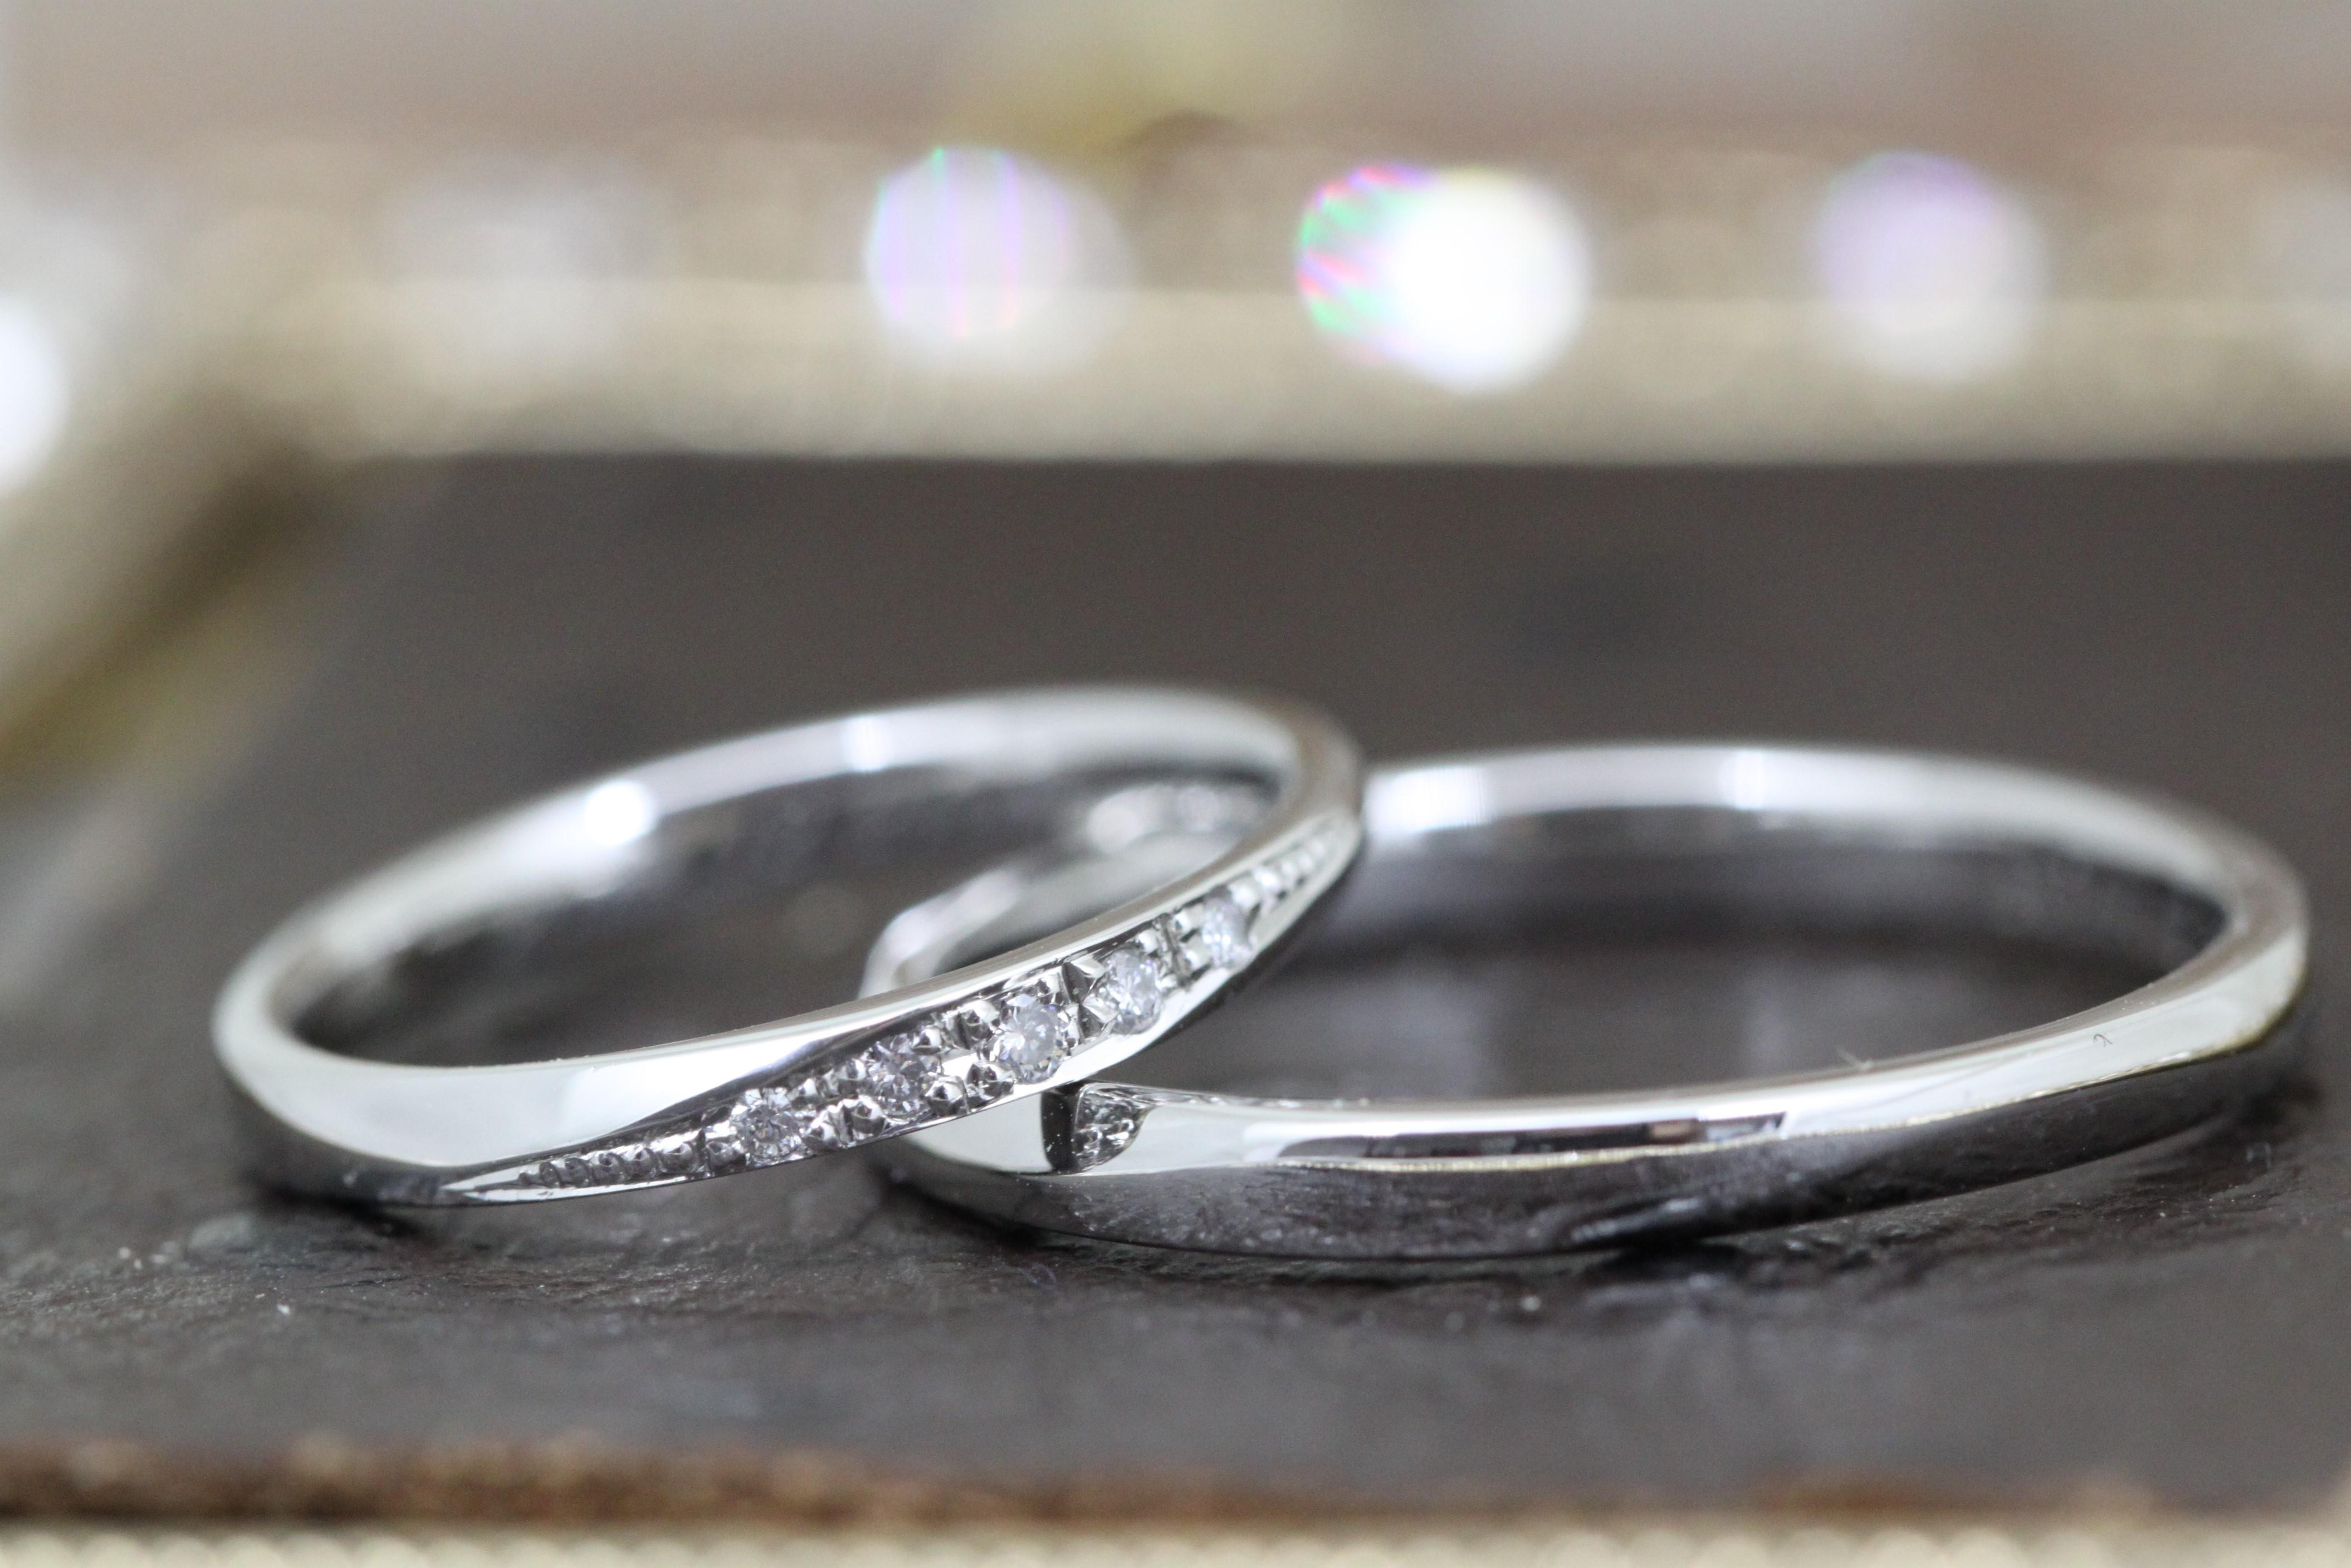 結婚指輪を手作り 大阪(関西)のお客様 | 関西/神戸・大阪で結婚指輪、婚約指輪、遺骨リング、遺骨ペンダントを手作りとオーダーメイドが出来るアトリエ